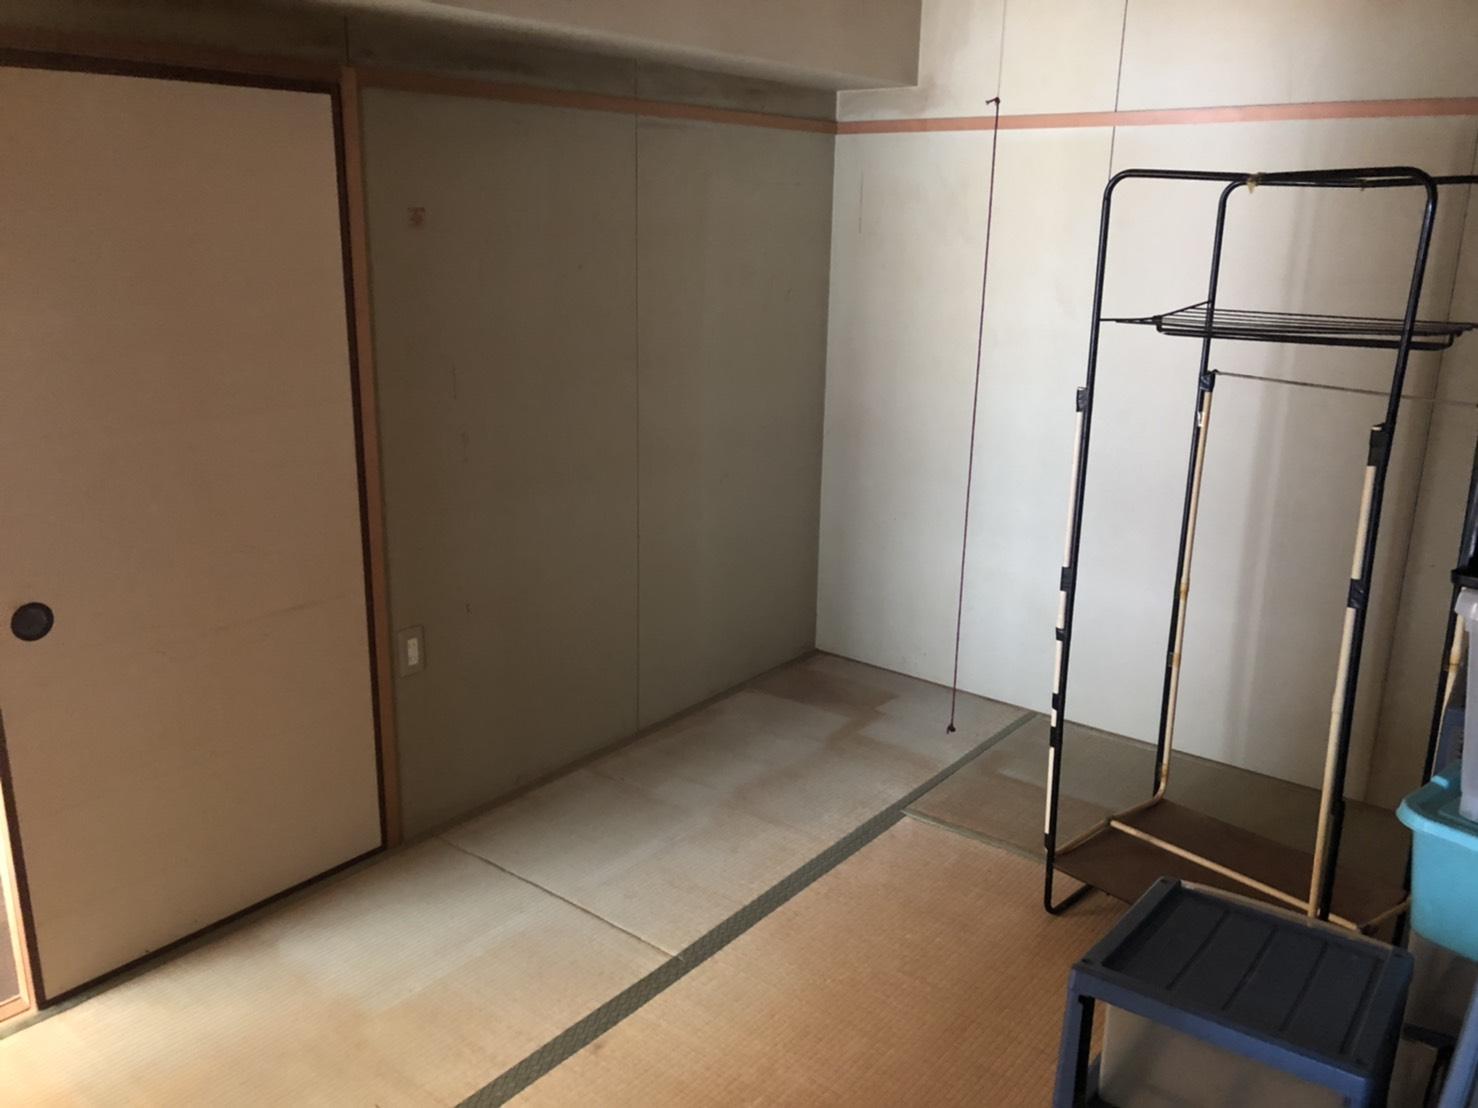 タンス、テーブル、クローゼット、収納棚の回収後